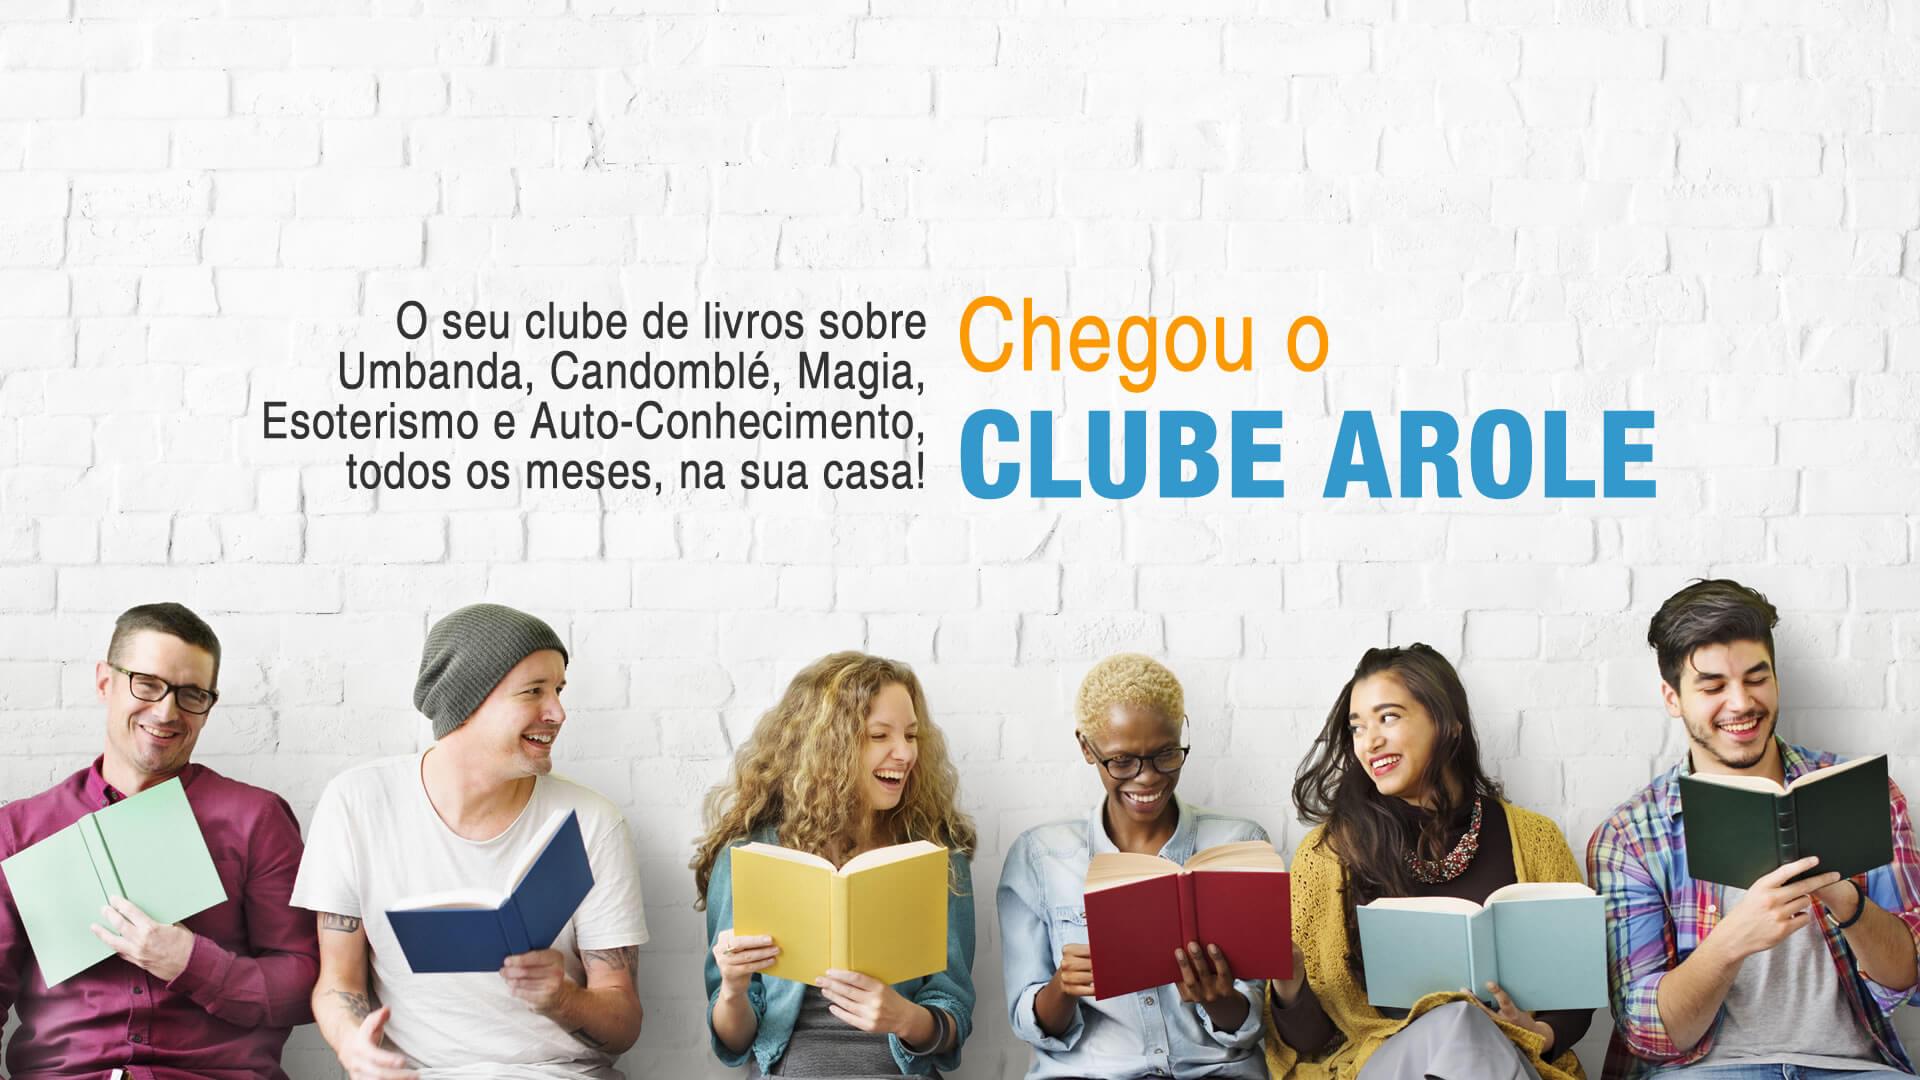 Arole Cultural lança clube de assinatura de livros sobre espiritualidade afro-brasileira